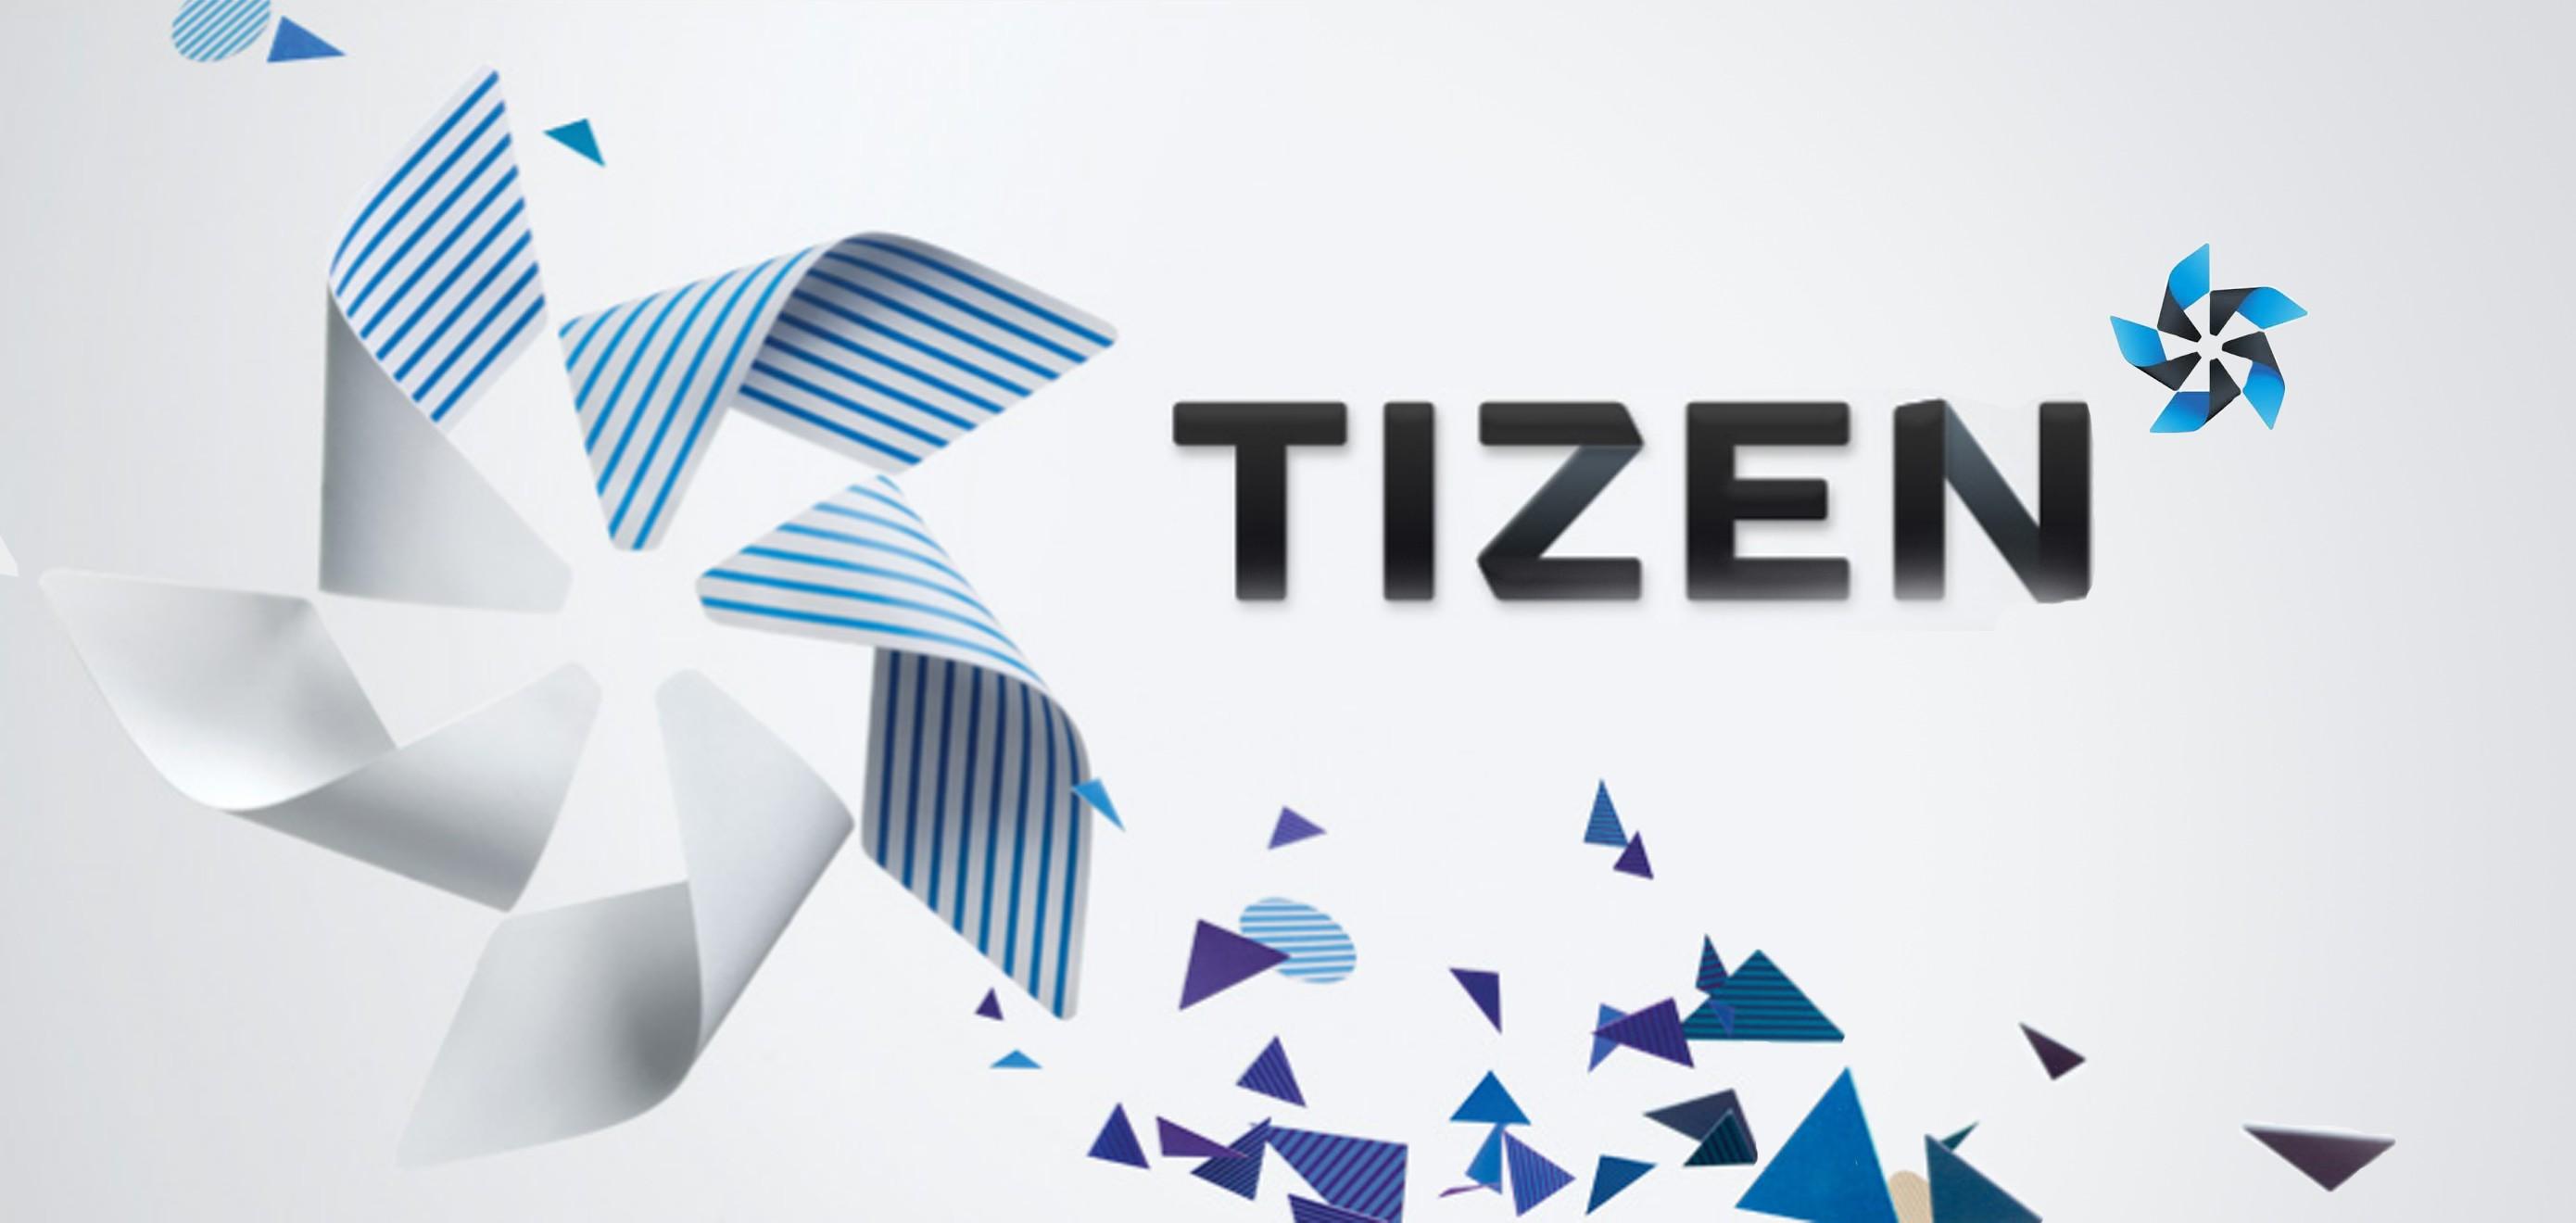 Tizen OS được viết rất tồi, các nhà nghiên cứu nói có đến 27 000 lỗi